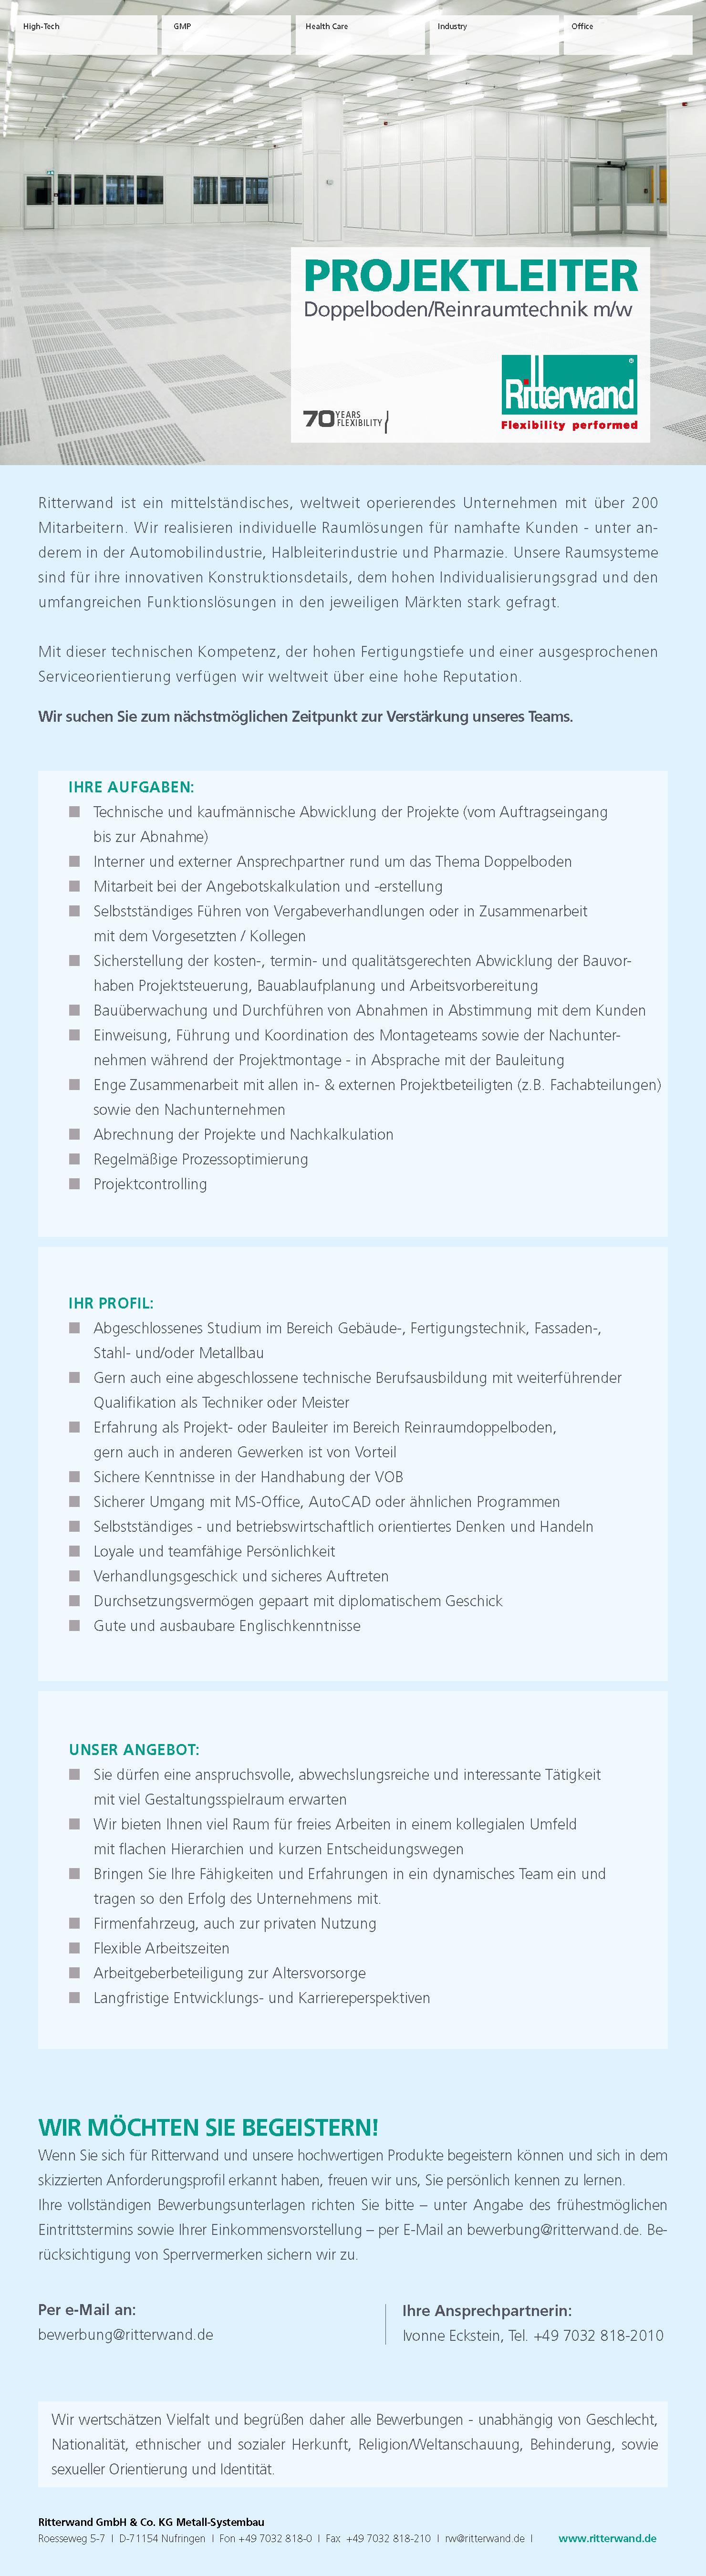 Projektleiter Doppelboden/Reinraumtechnik (m/w)